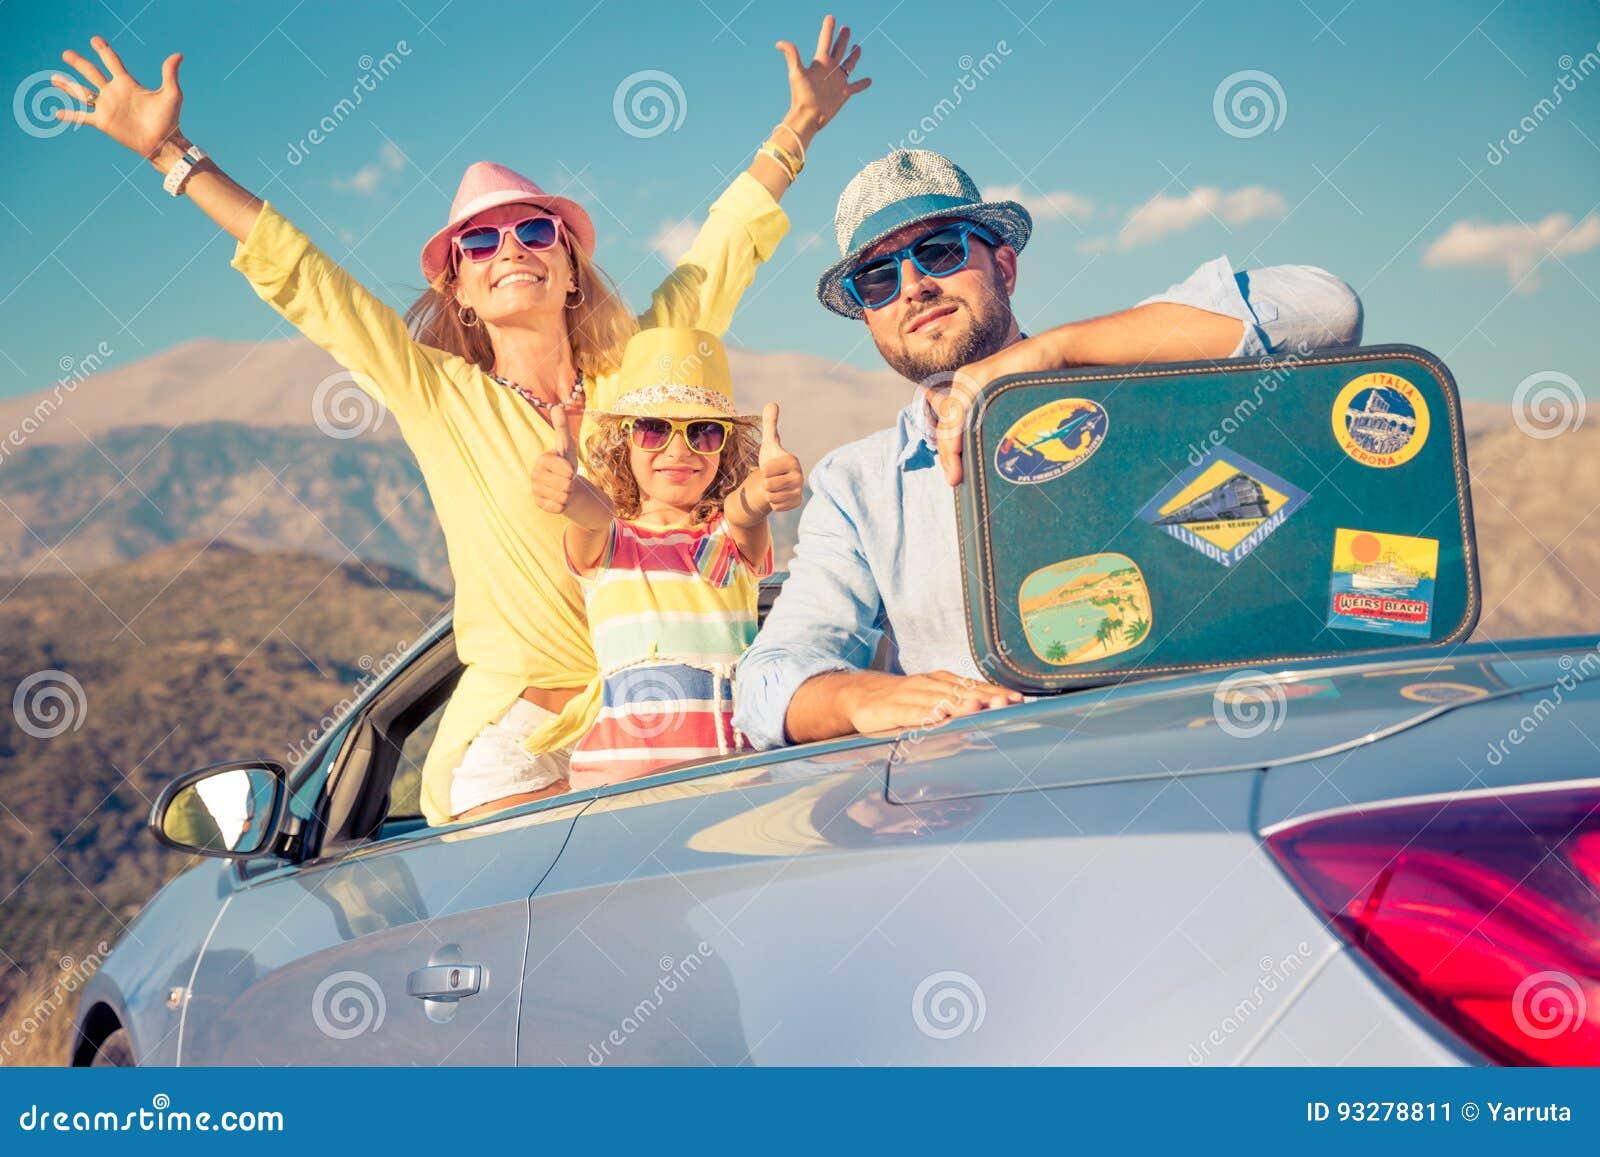 Ευτυχές οικογενειακό ταξίδι με το αυτοκίνητο στα βουνά